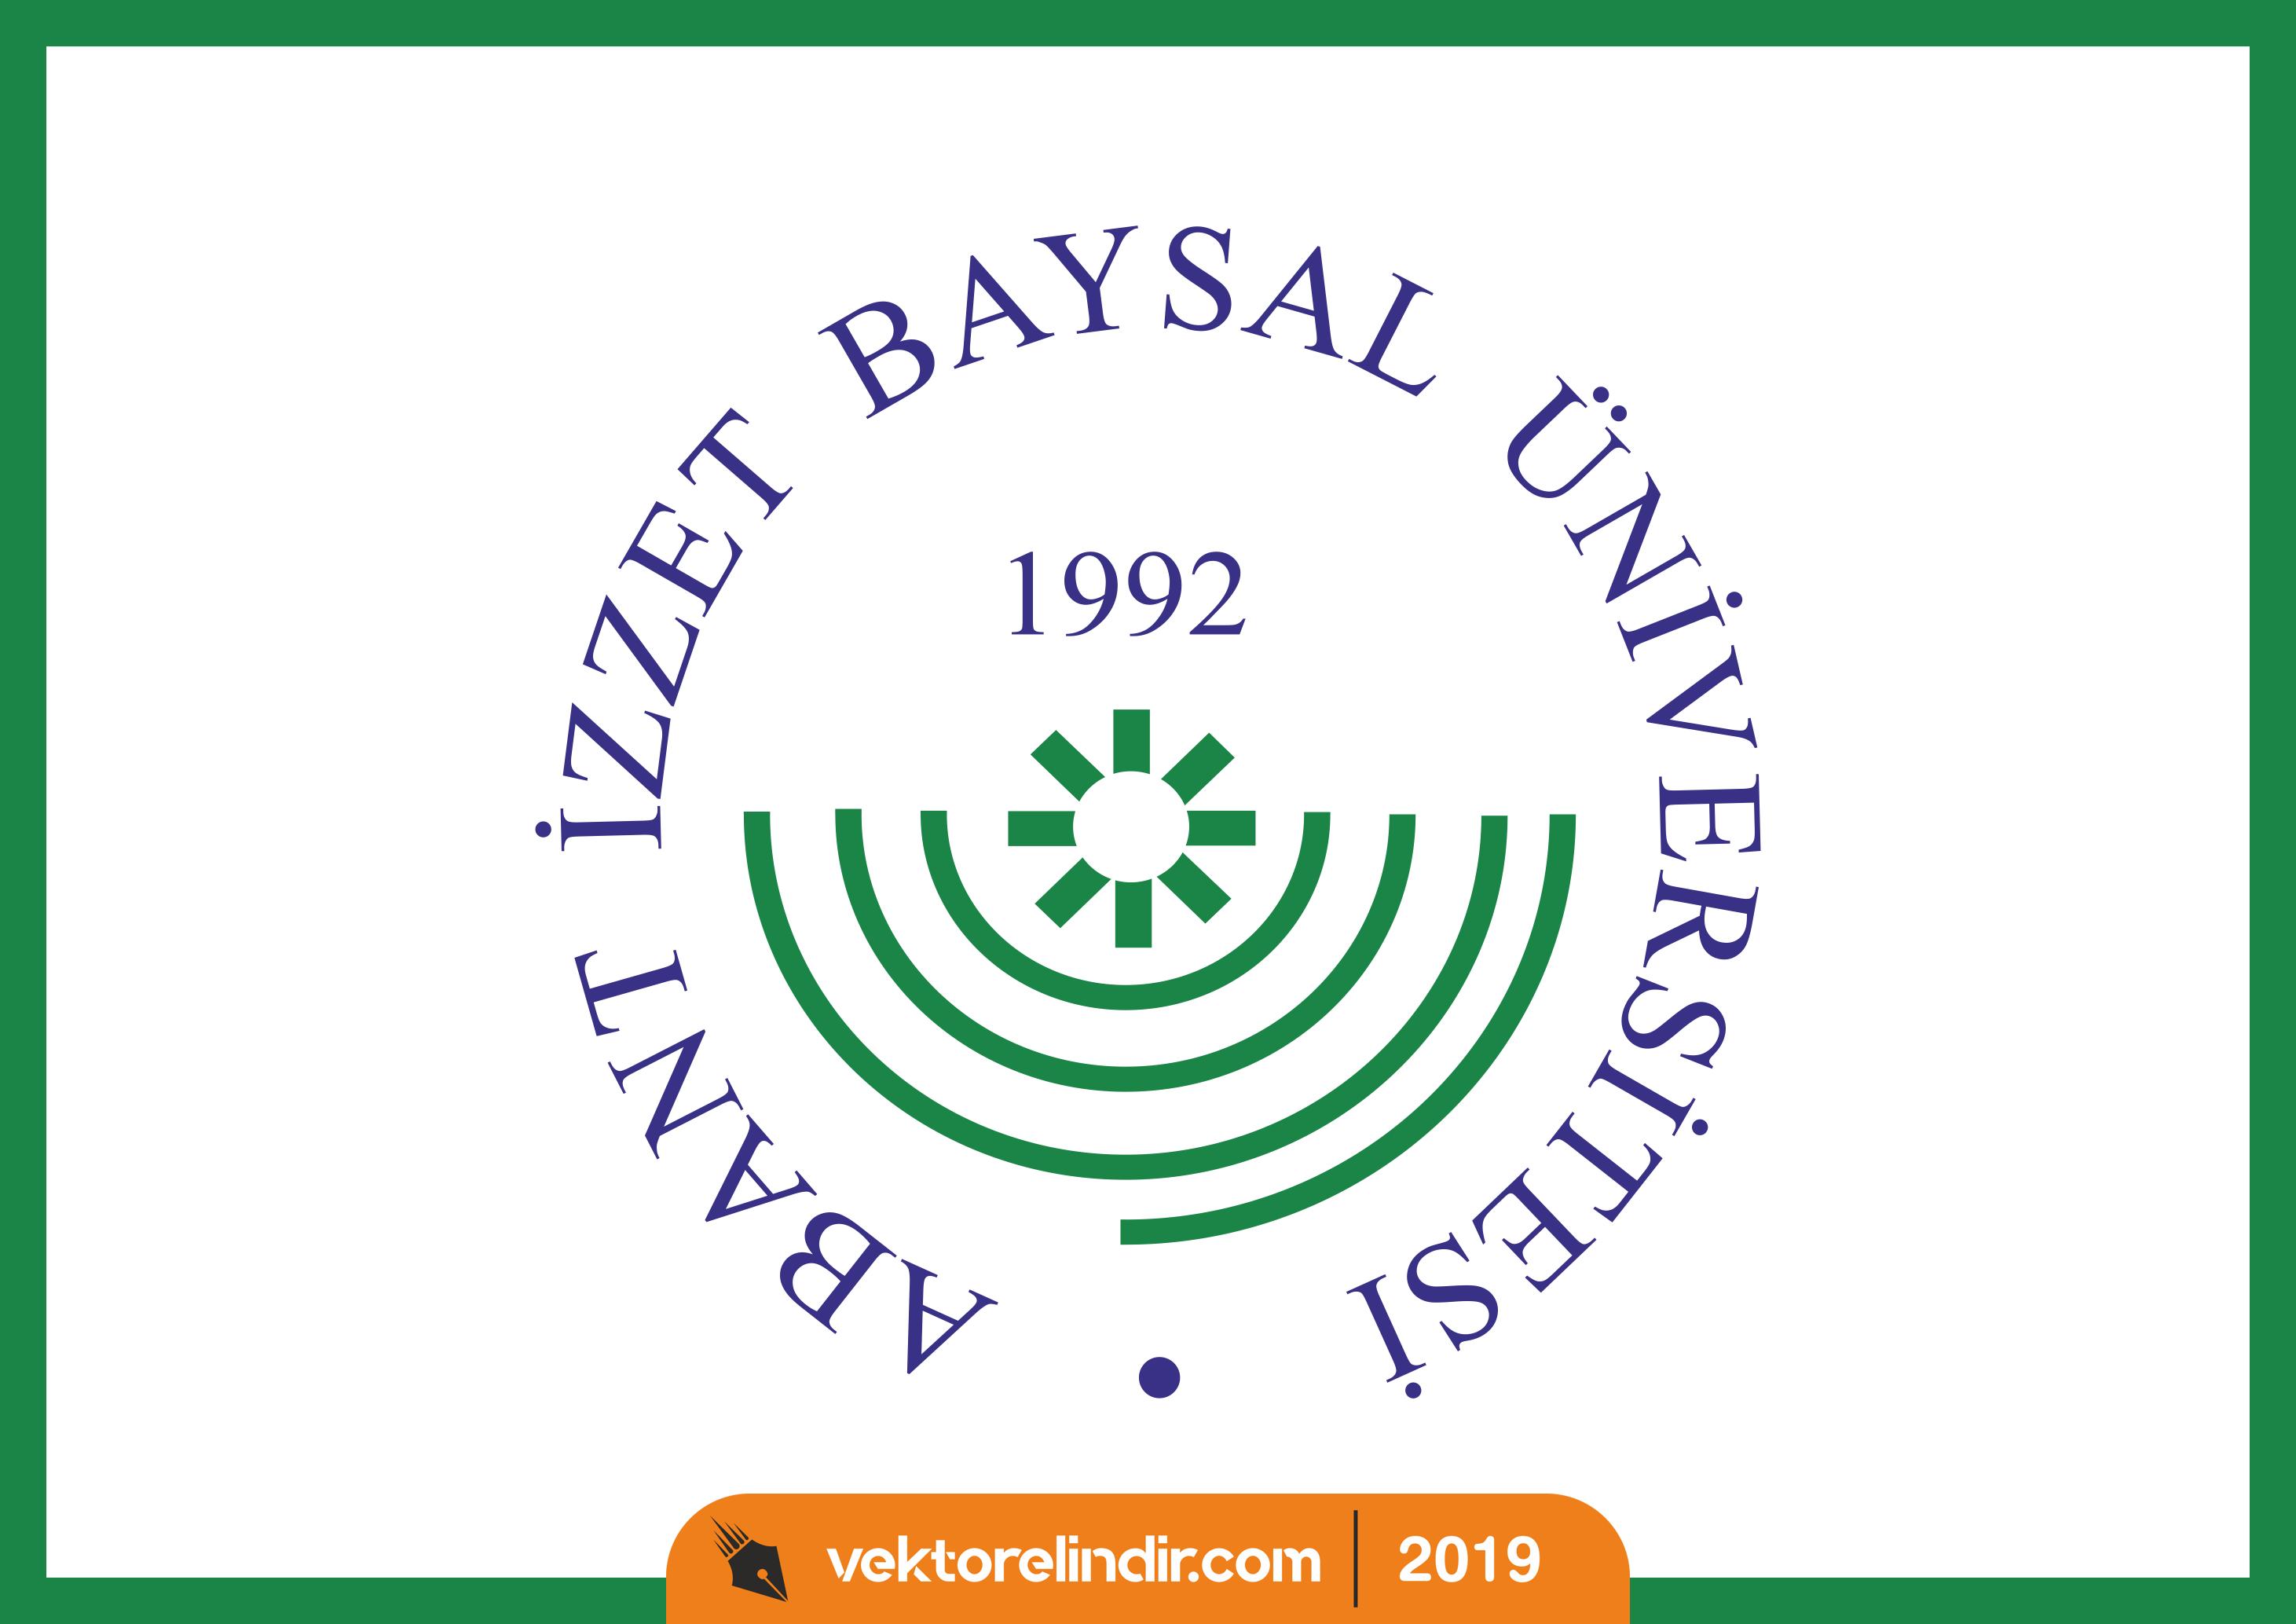 Abant İzzet Baysal Üniversitesi Logo, Amblem